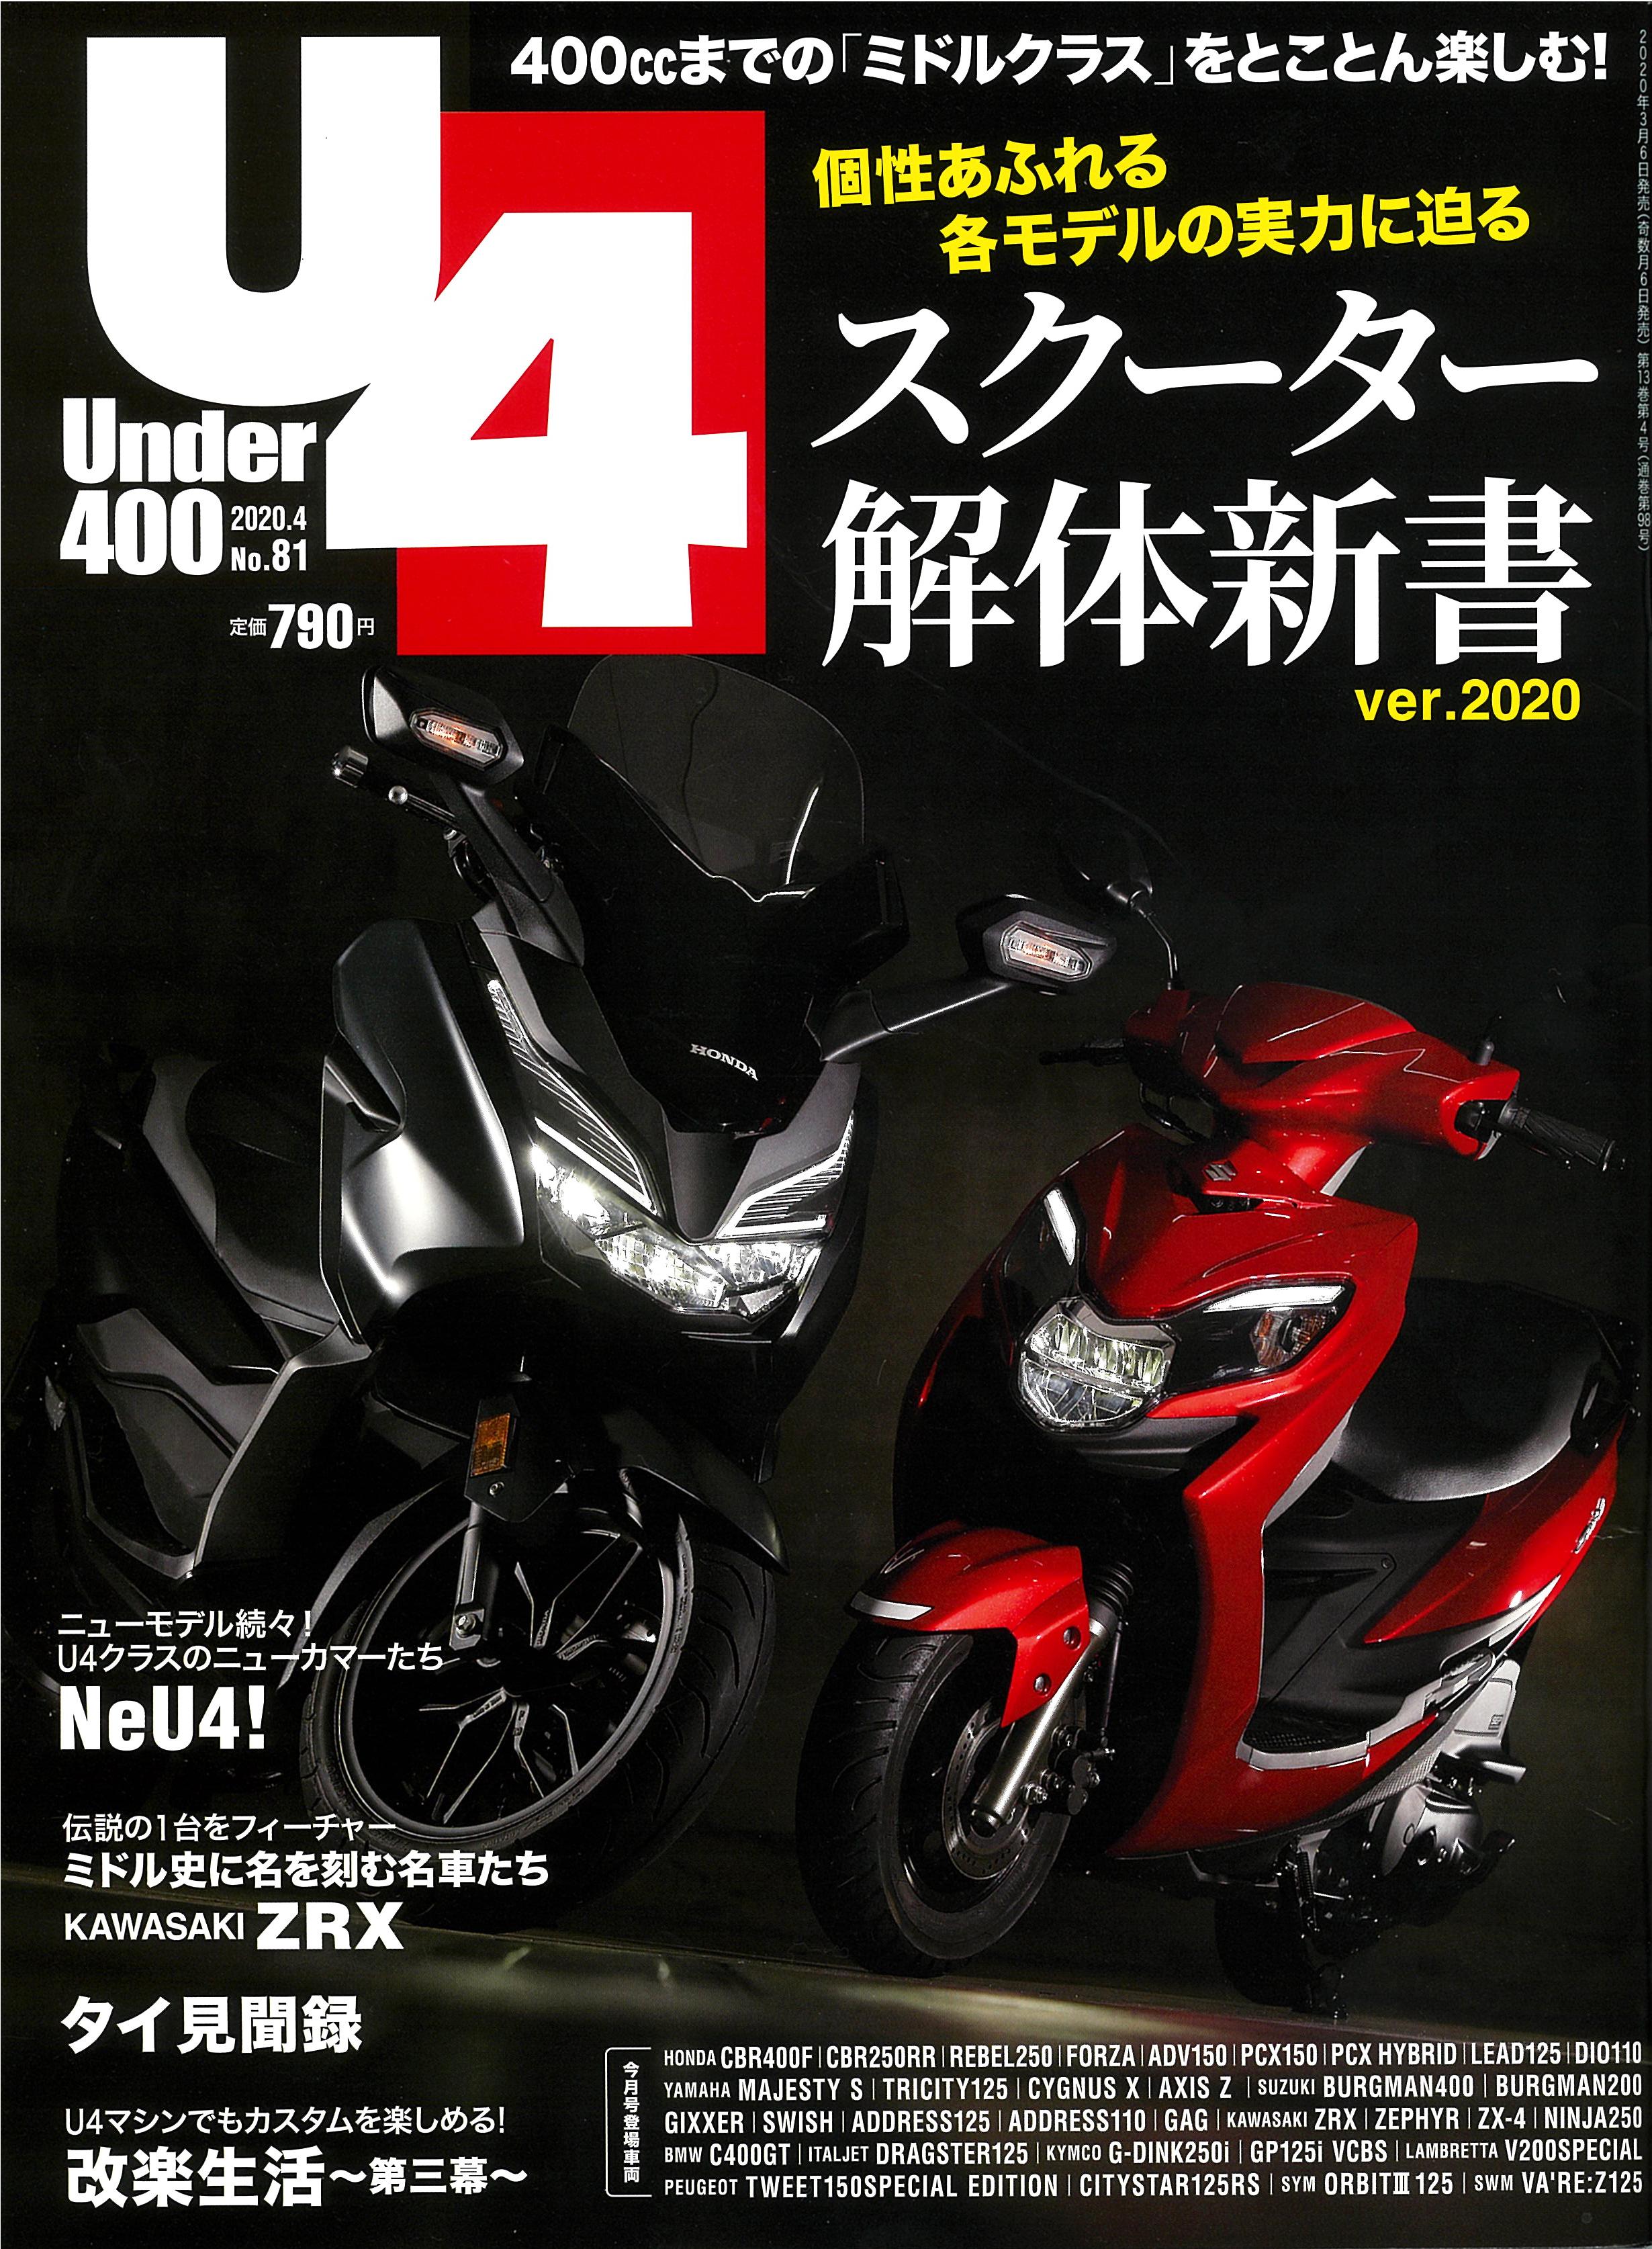 【Under400 4月号掲載】Lambretta、SYM(エス・ワイ・エム)OrbitⅢ